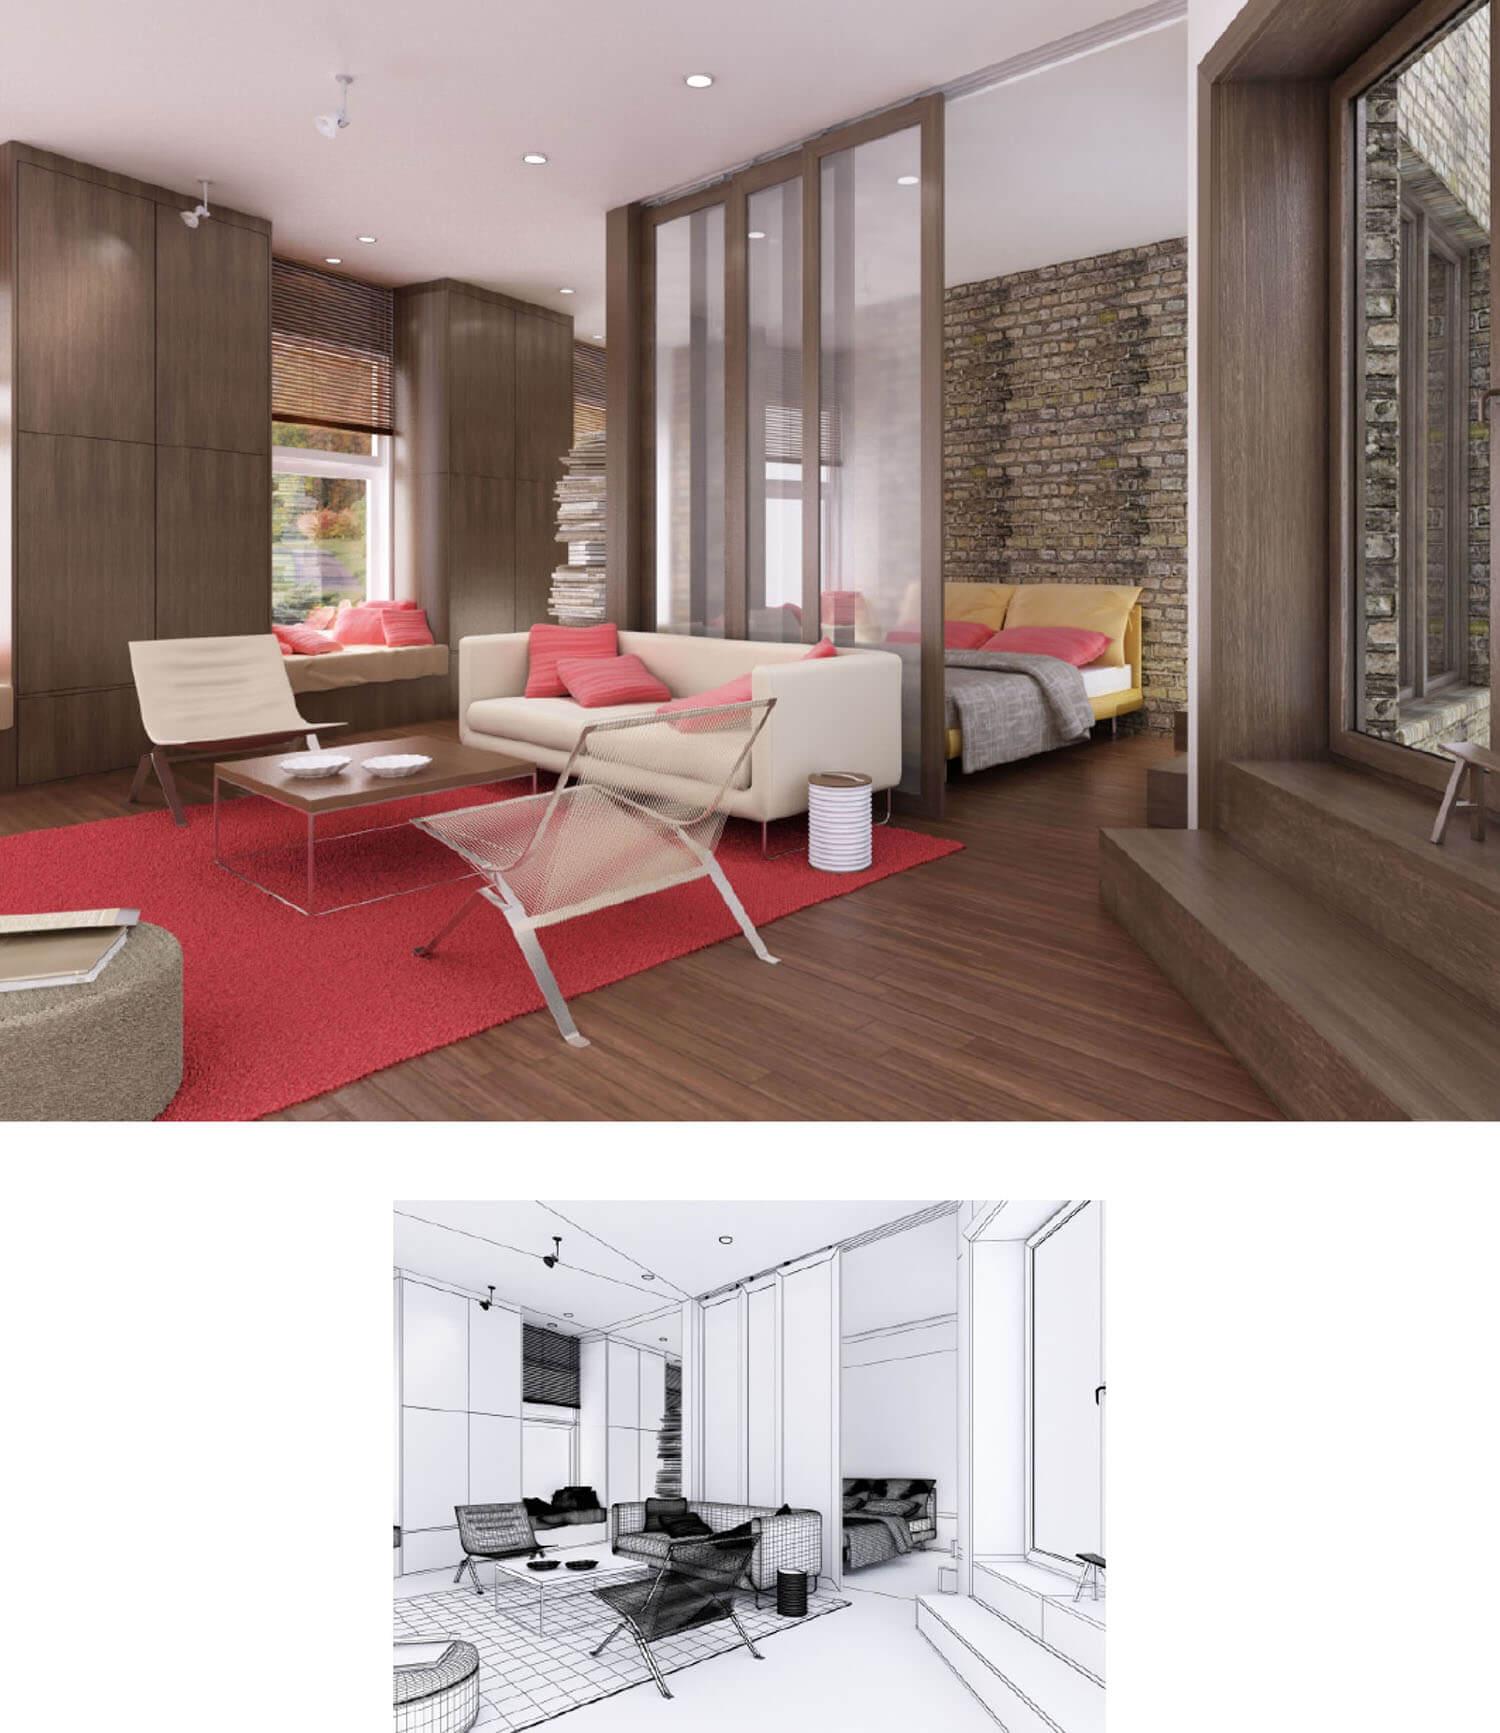 thiết kế tường gỗ phòng khách và vách kính ngăn với phòng ngủ